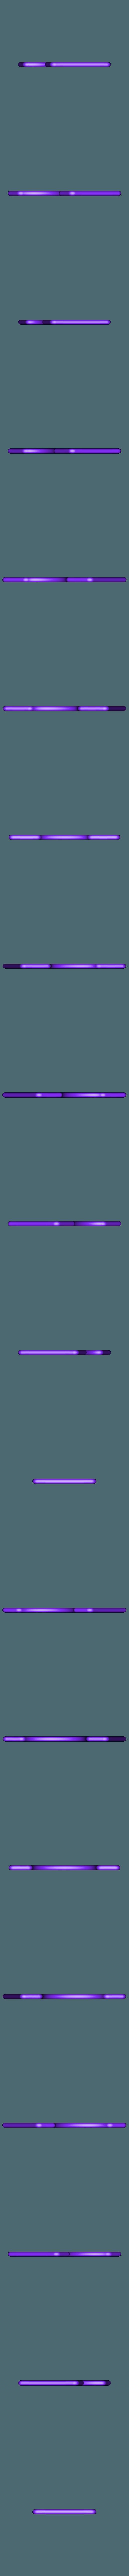 xsr_case_bis.stl Télécharger fichier STL gratuit Cadre tactile • Design pour imprimante 3D, touchthebitum